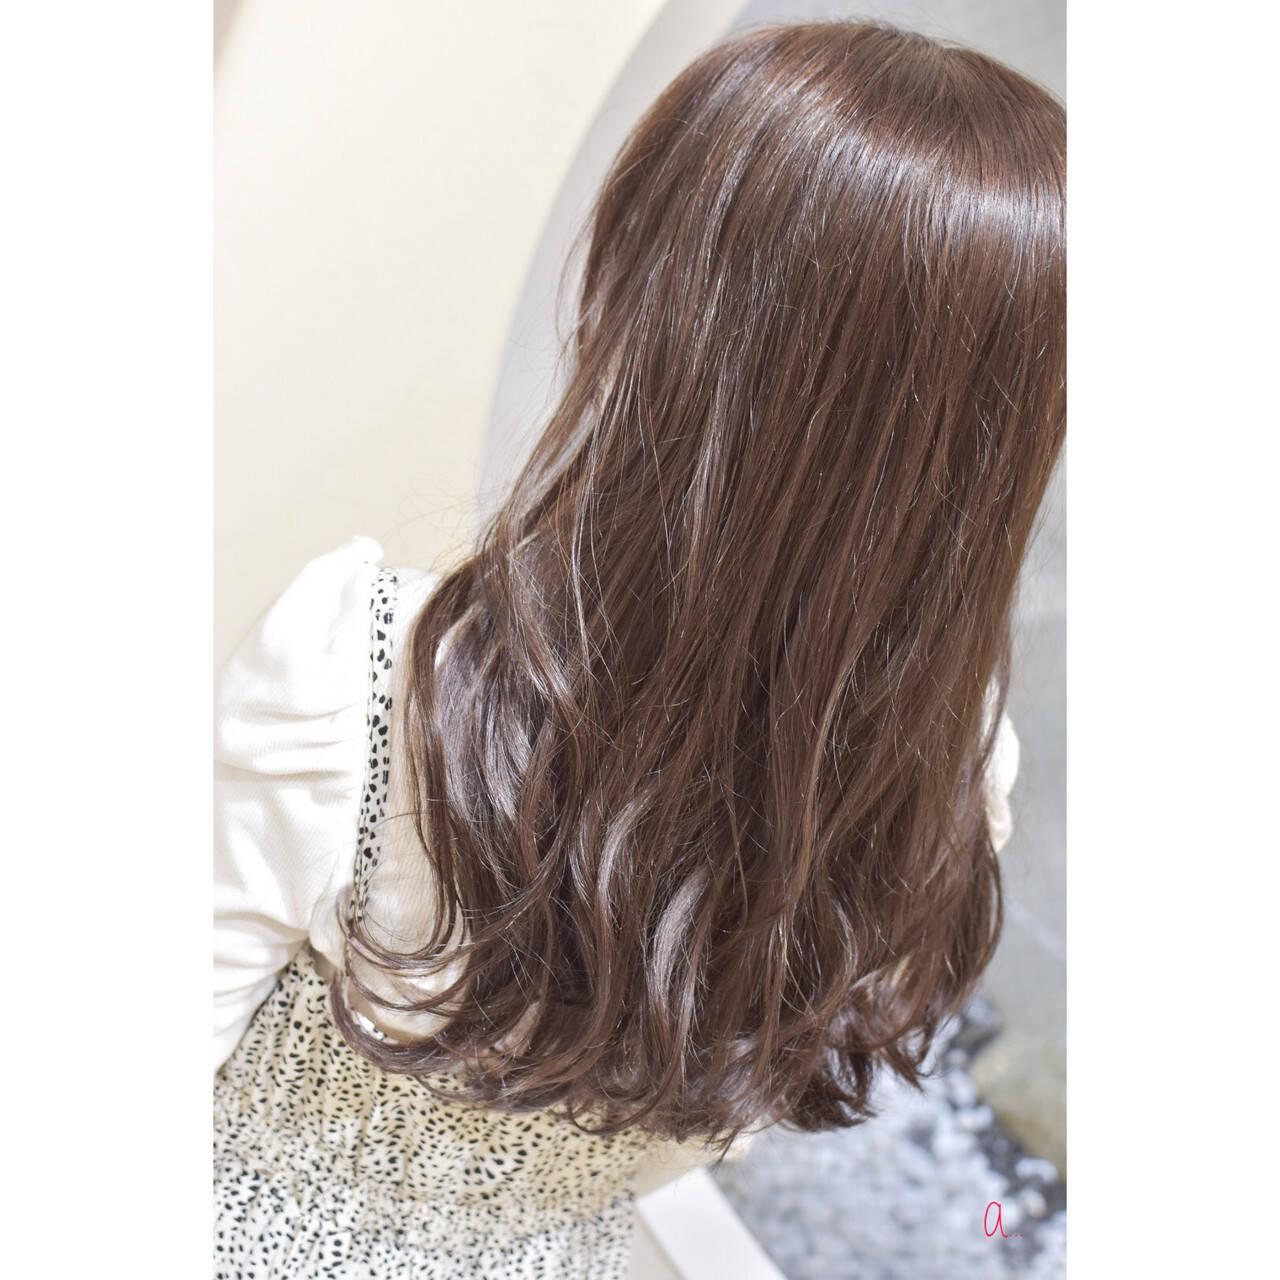 ロング ナチュラルブラウンカラー 韓国ヘア ナチュラルヘアスタイルや髪型の写真・画像